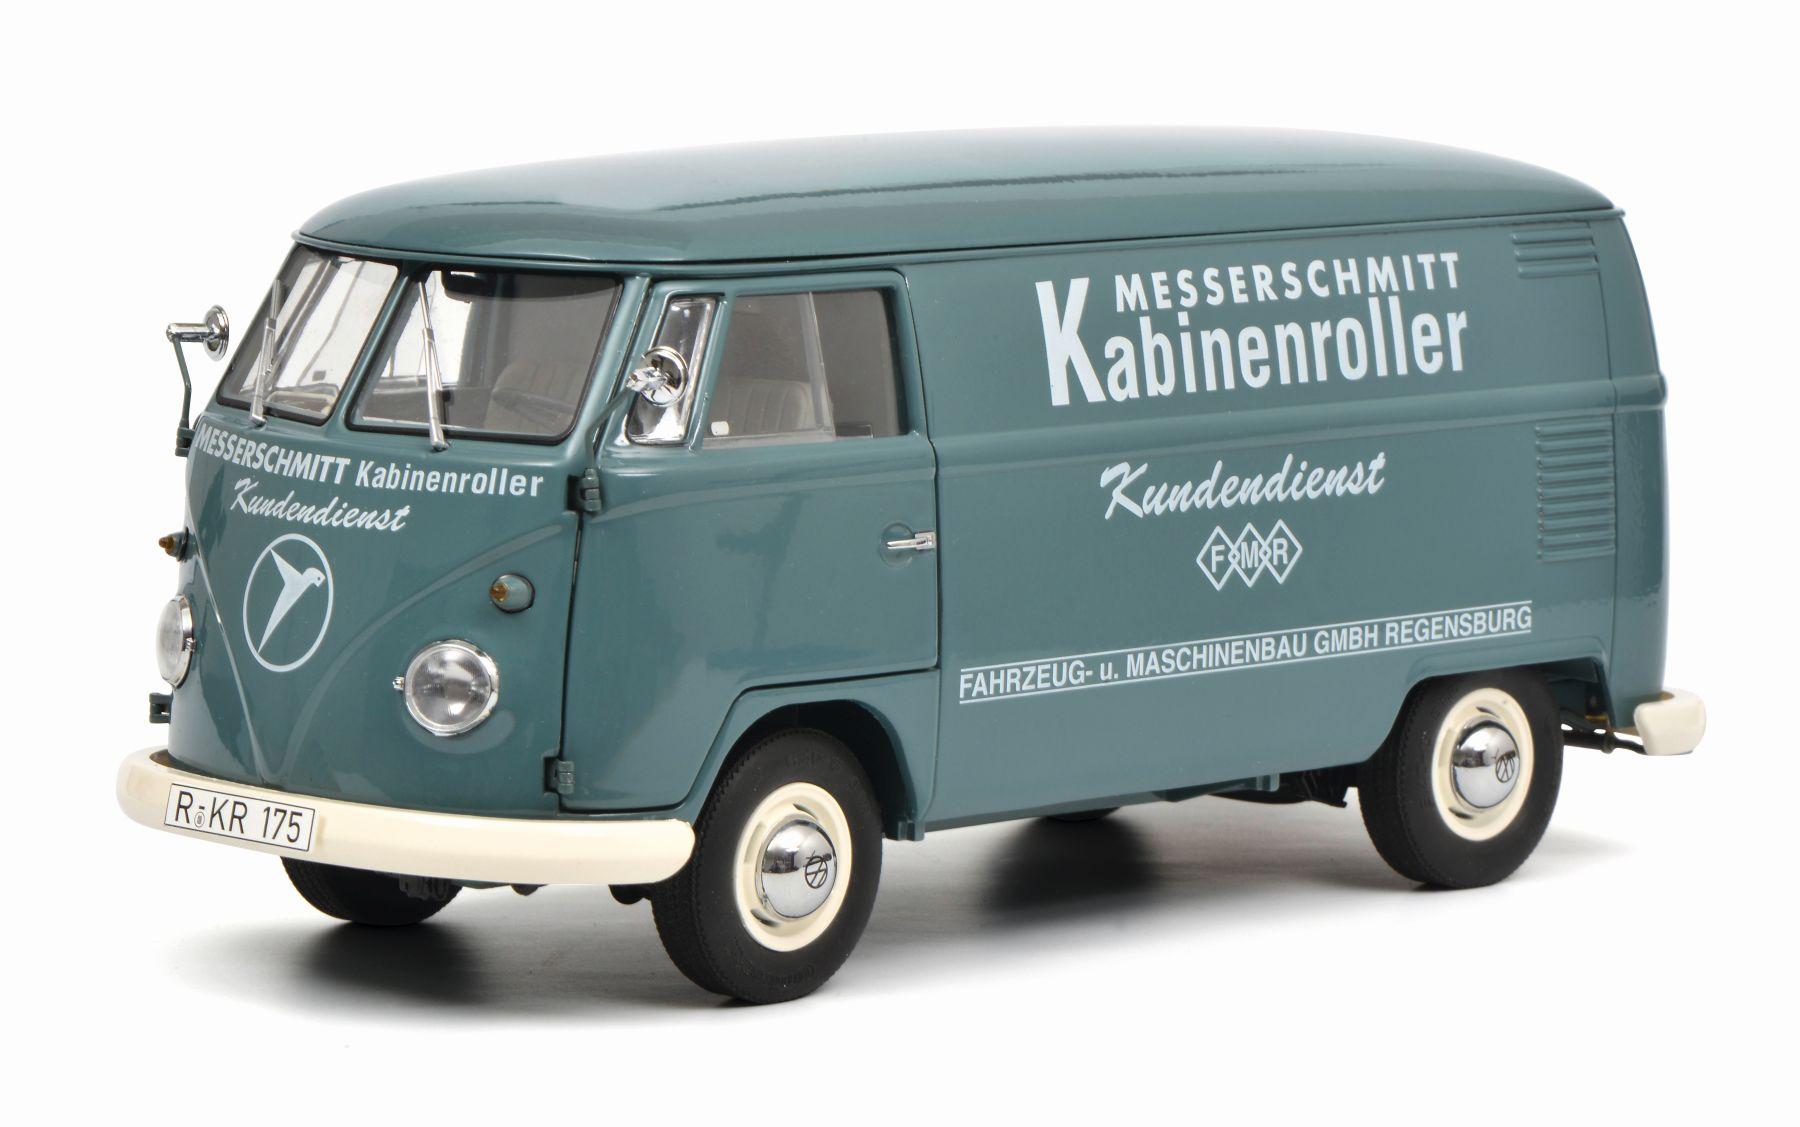 VW T1b Messerschmitt 1:18